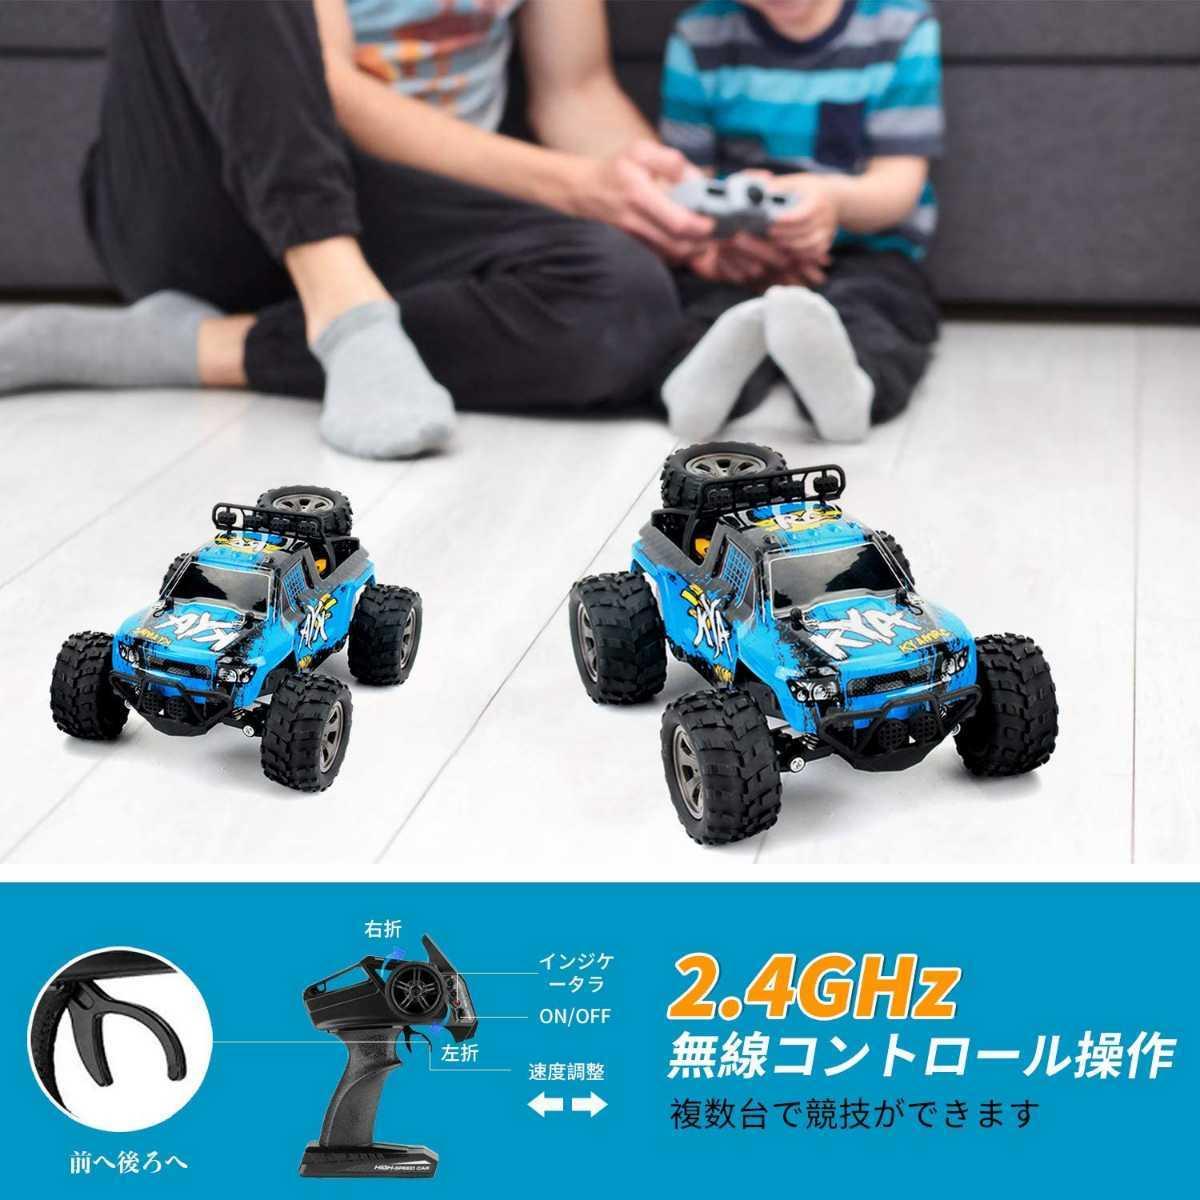 新品未開封☆2個セット☆2WDラジコンカー☆2.4GHz無線操作 時速20km/h RCカー1/18オフロード リモコンカー バッテリー付 車おもちゃ 子供